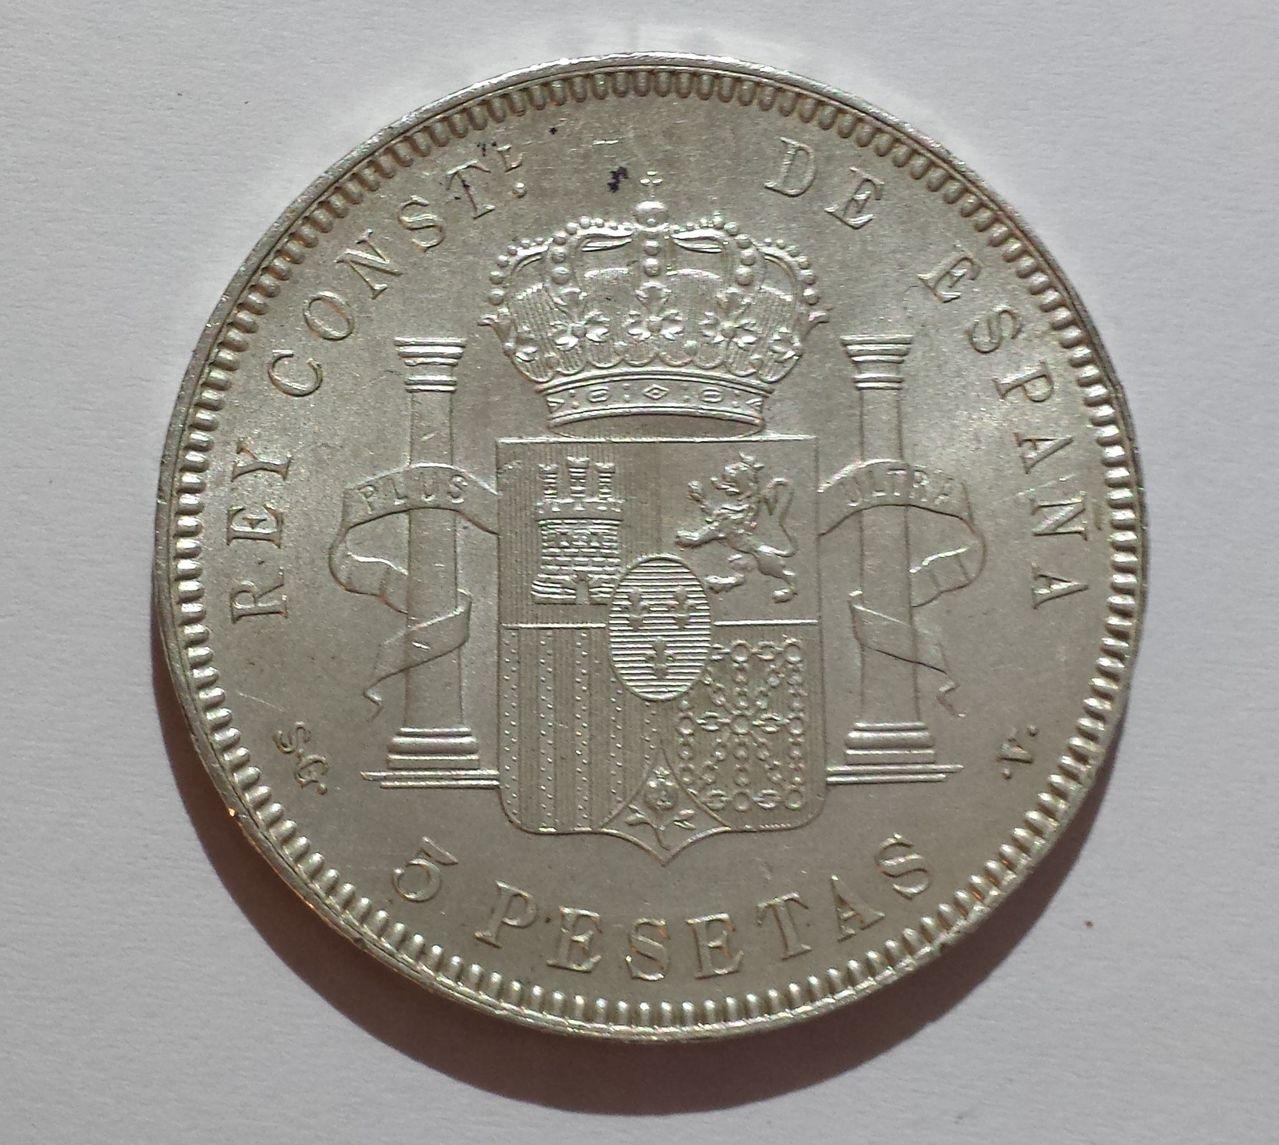 5 pesetas 1899 S-GV 5pesetas1899_b